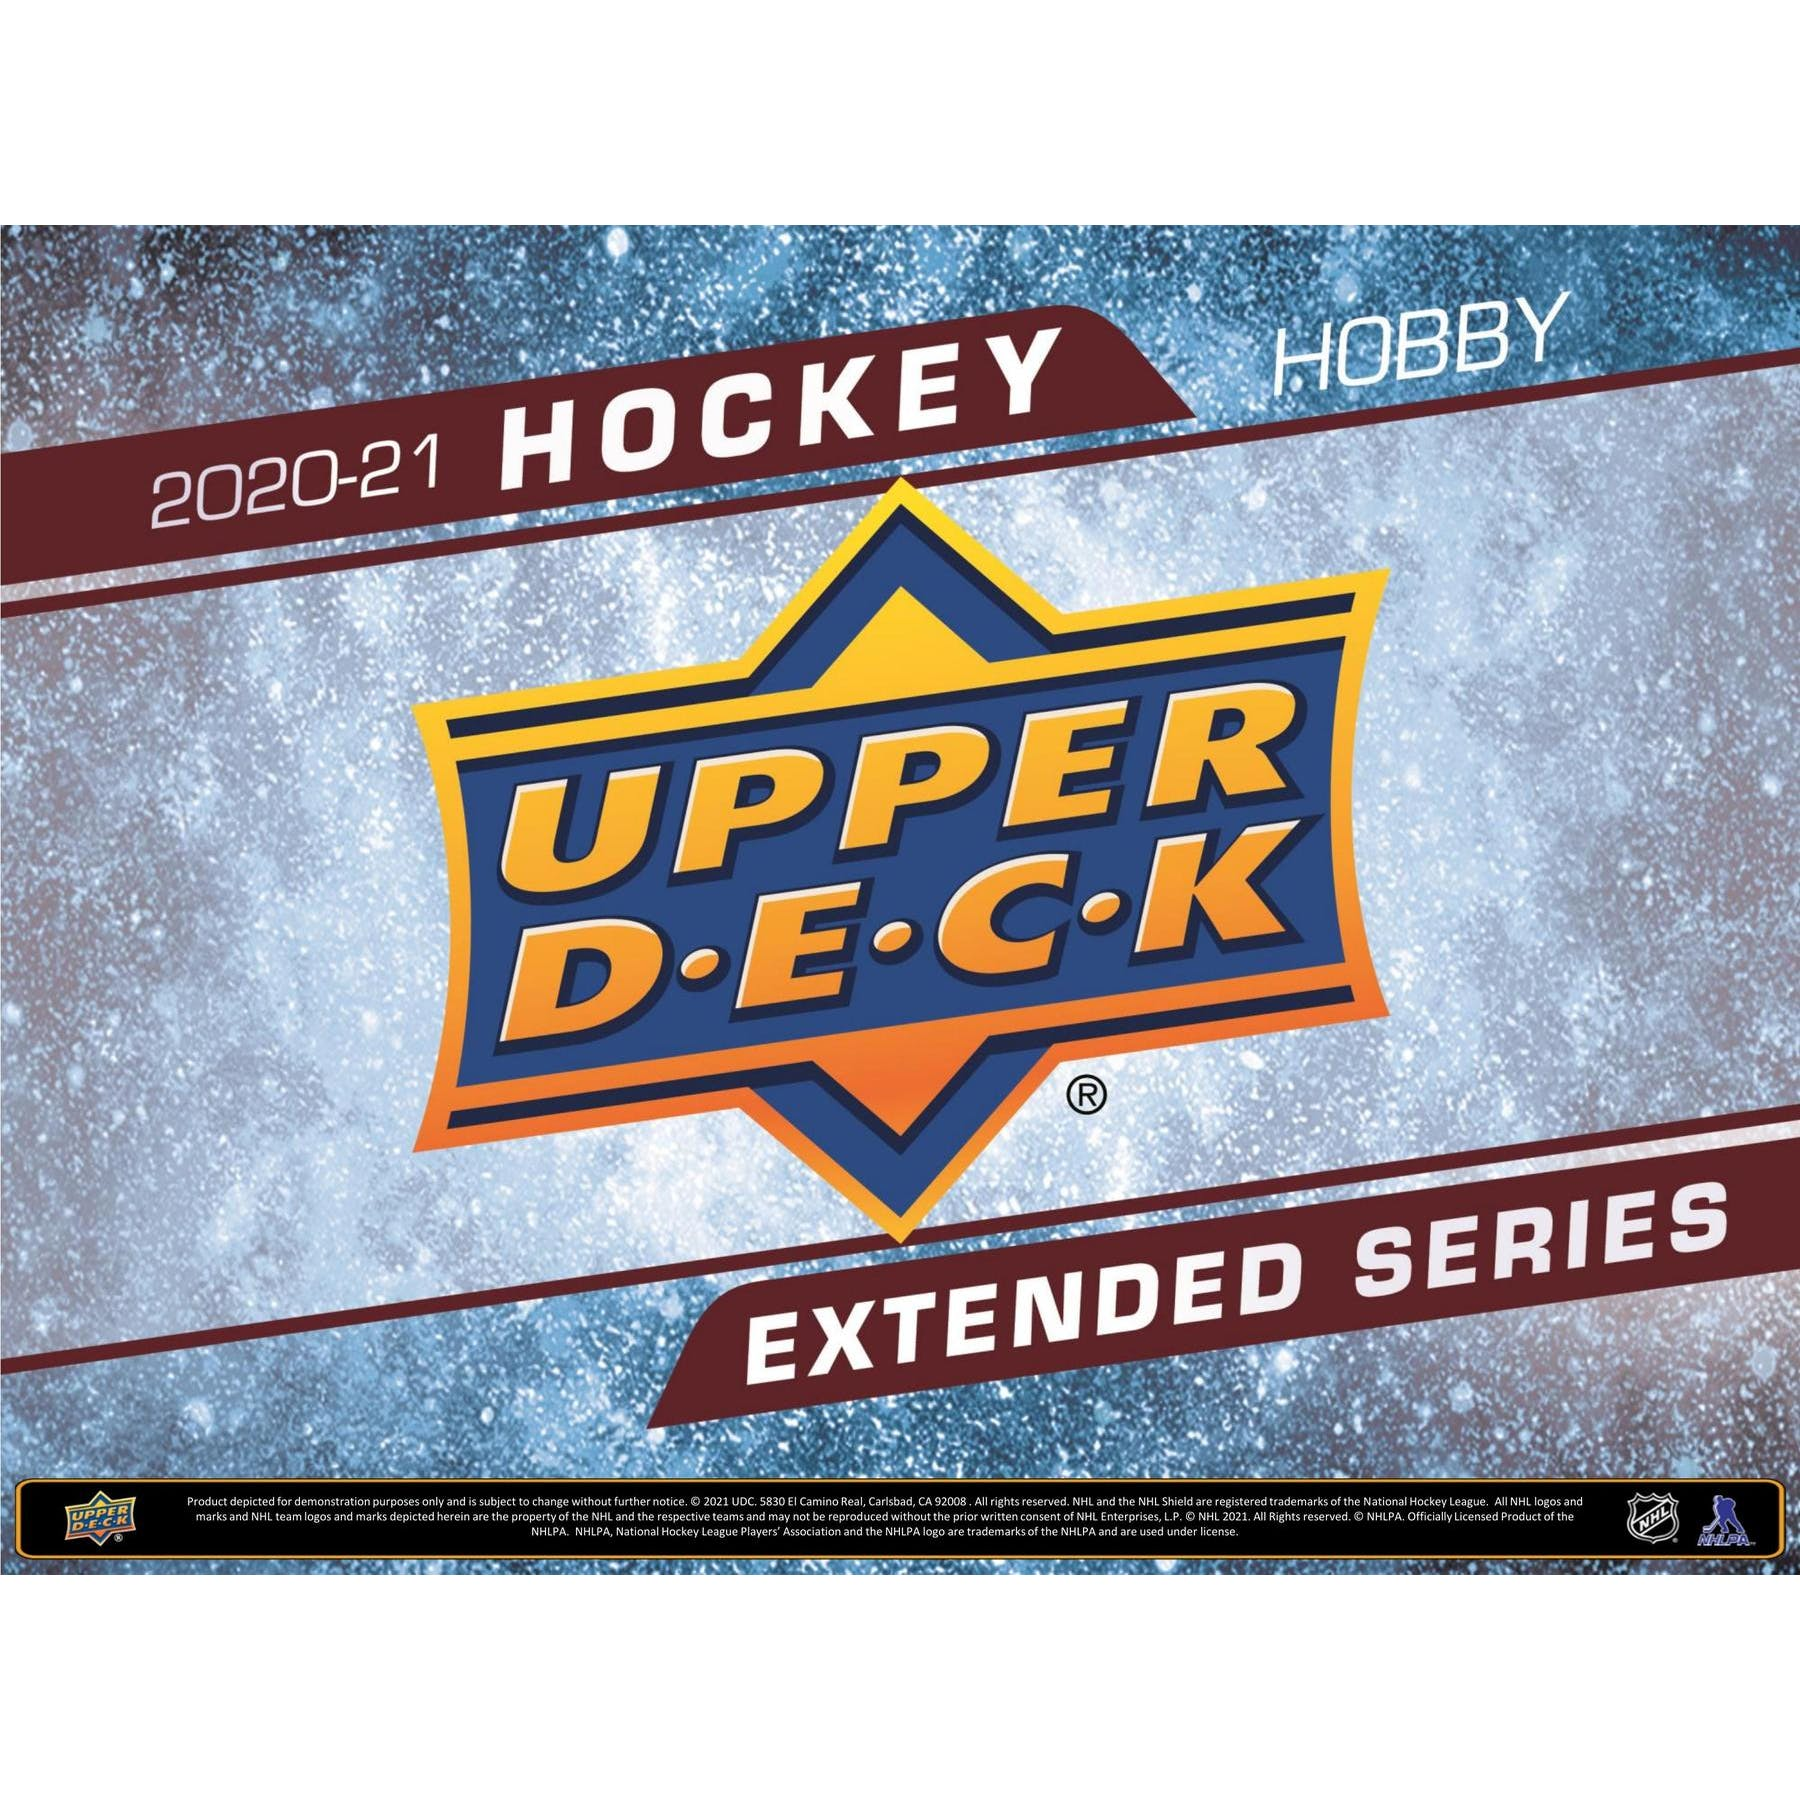 2020-21 HOCKEY -  UPPER DECK EXTENDED SERIES - HOBBY